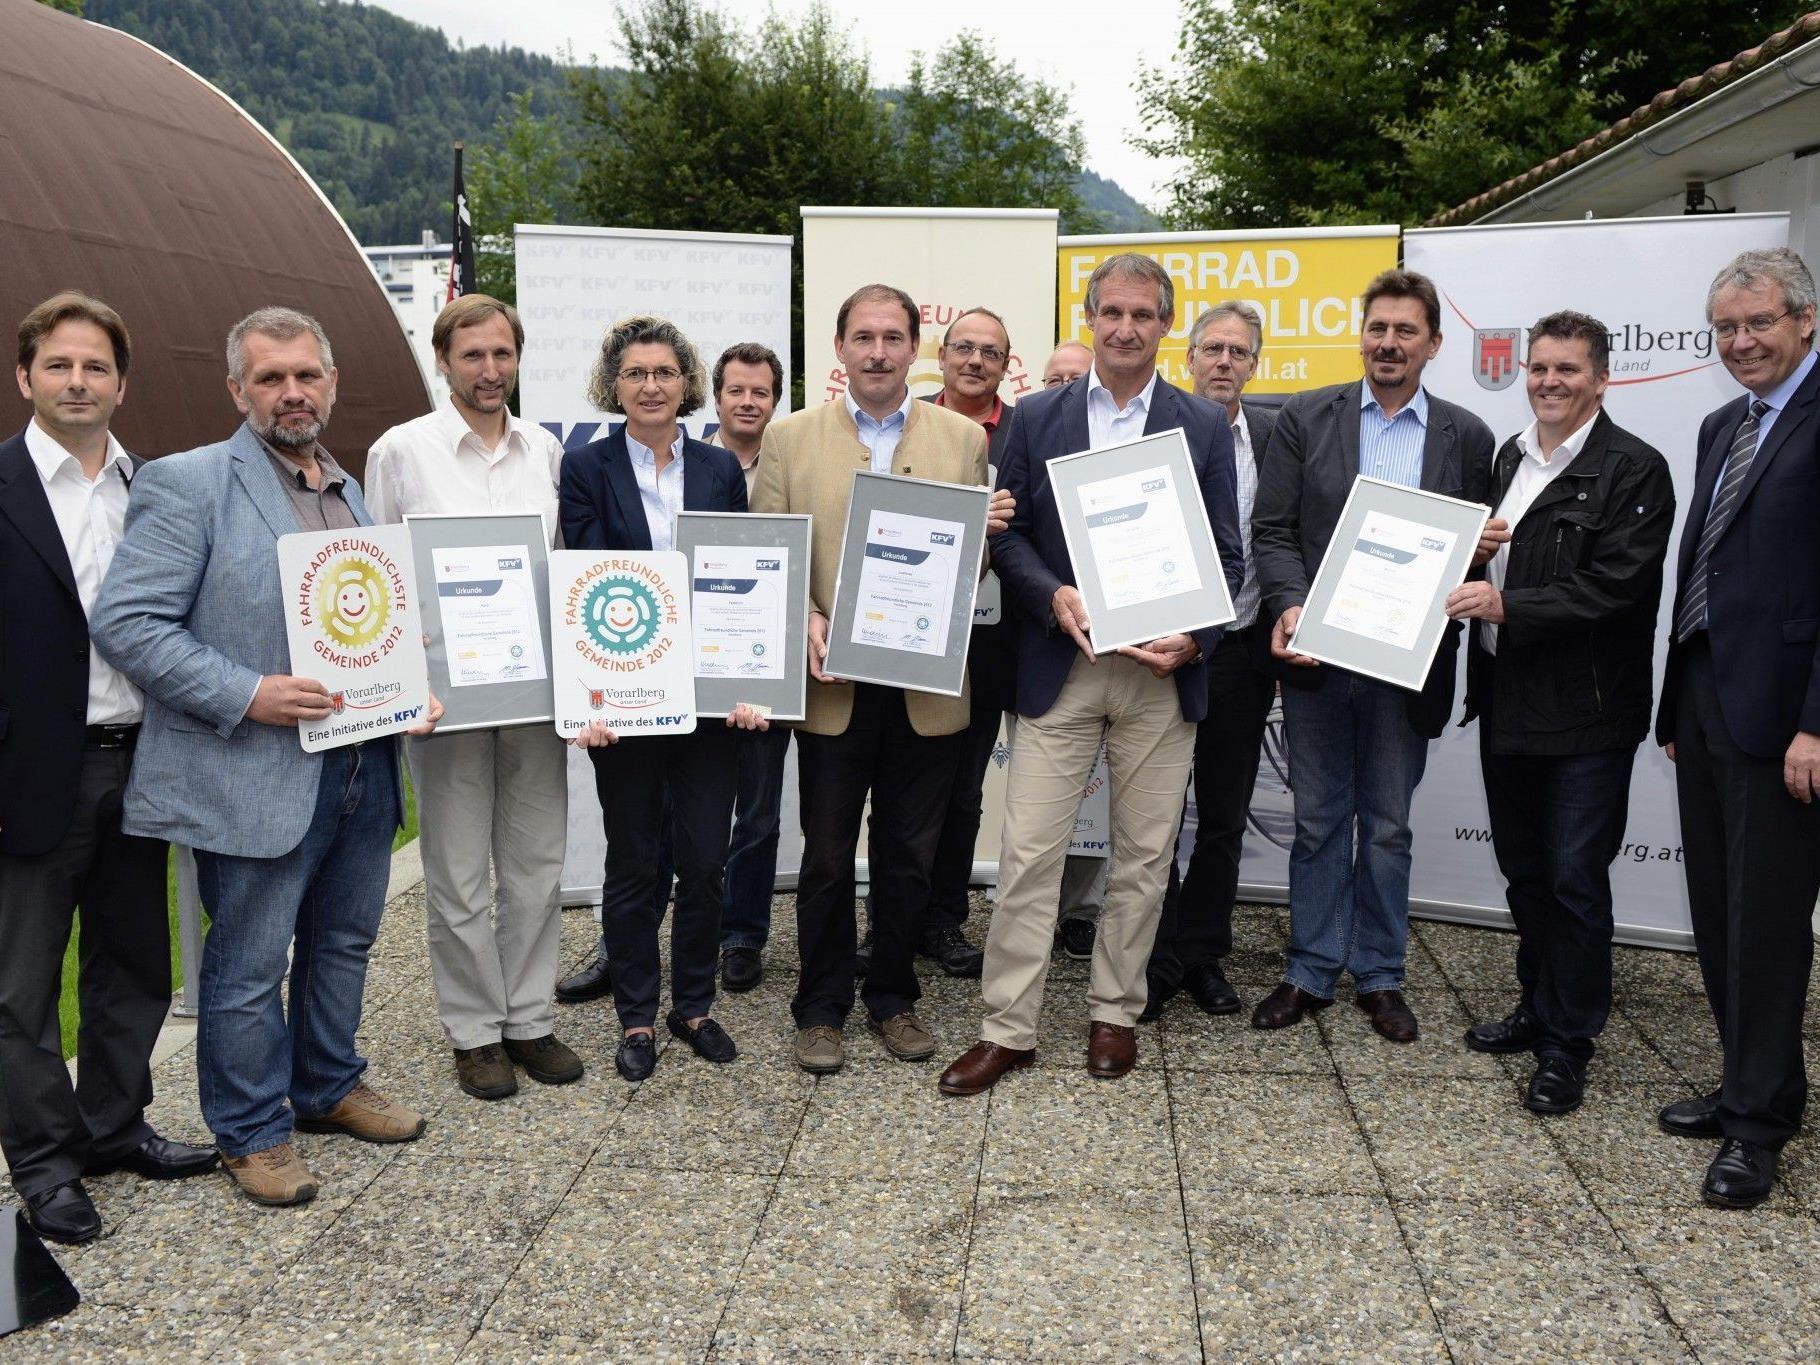 """Preisverleihung """"Fahrradfreundlichste Gemeinden 2012 in Vorarlberg"""""""